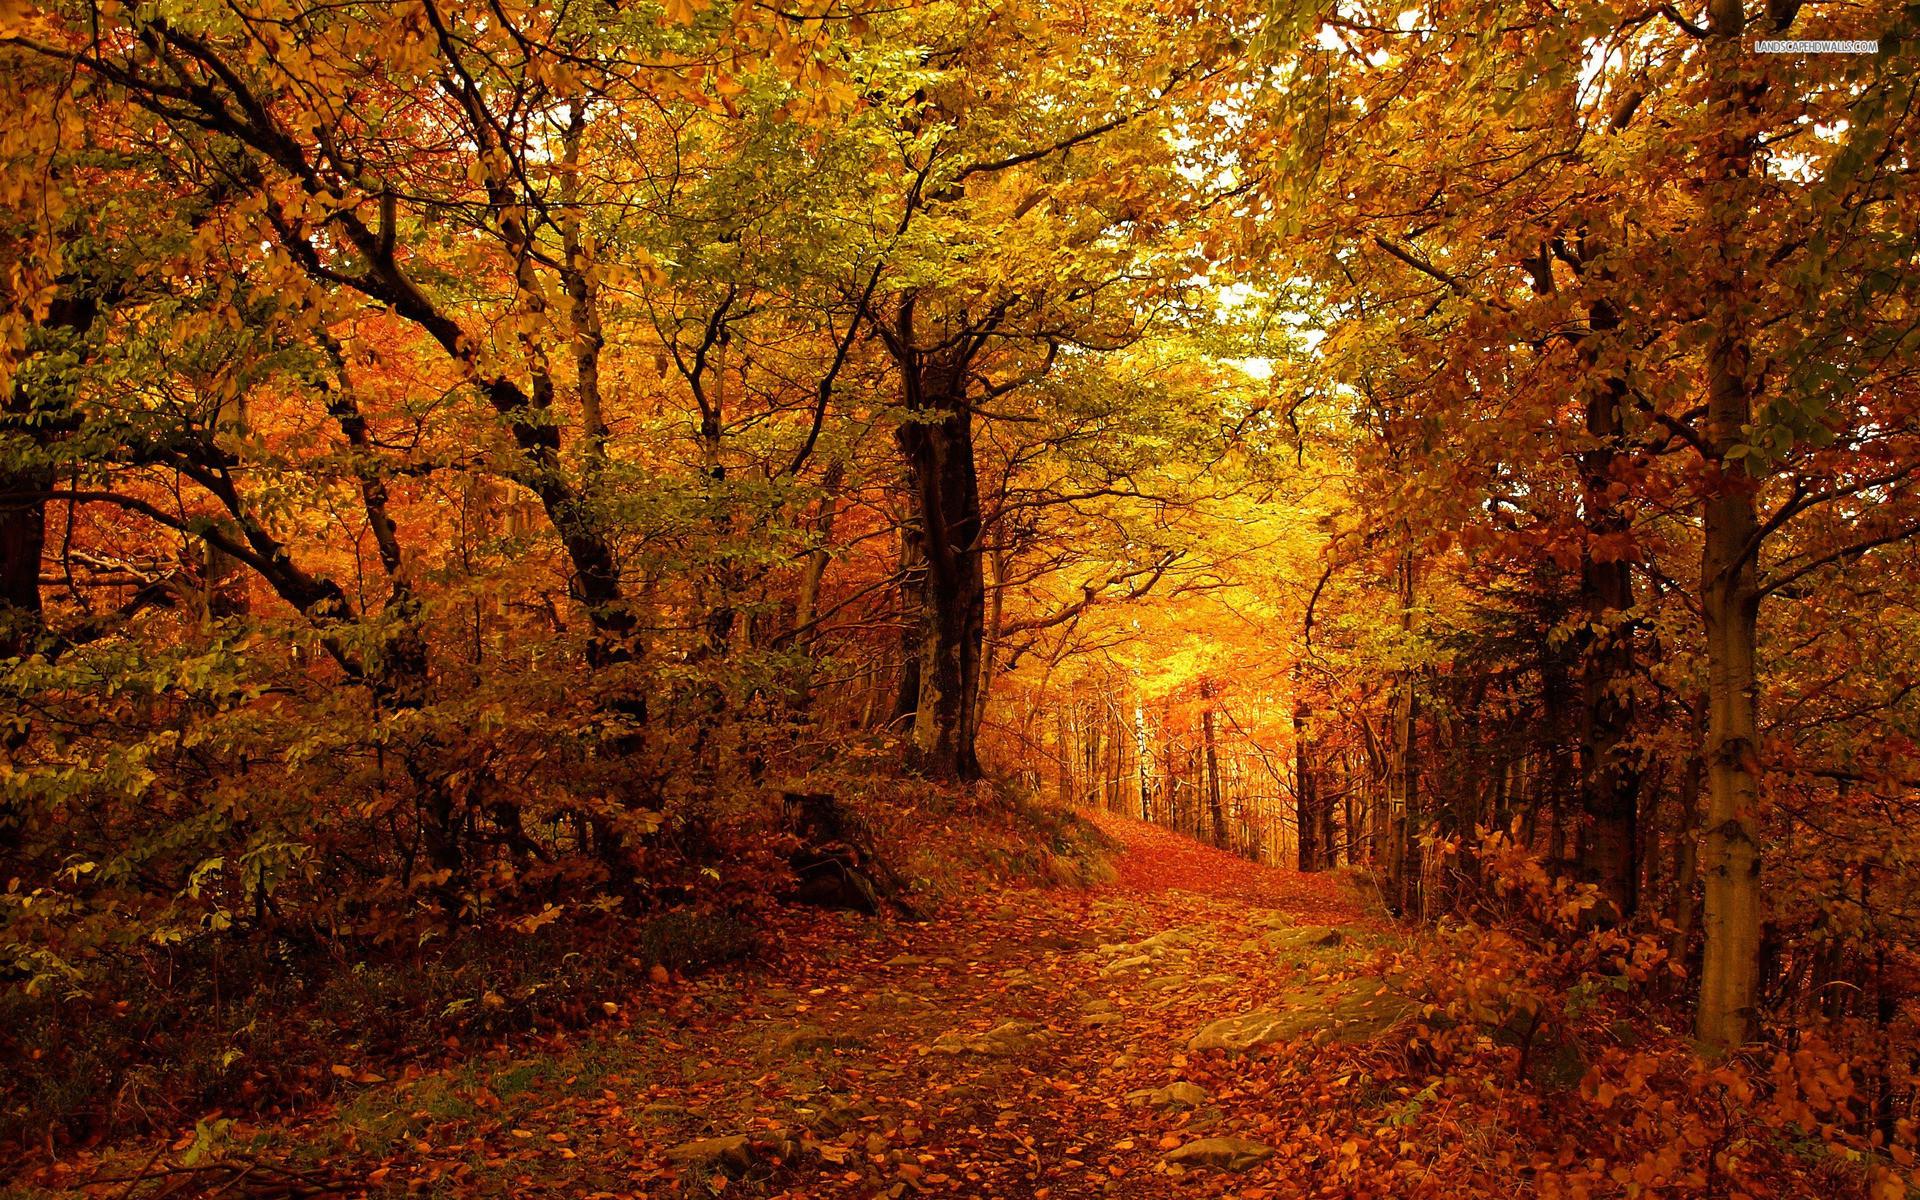 Fall Leaves Pathway Computer Wallpaper Die 83 Besten Herbst Wallpapers